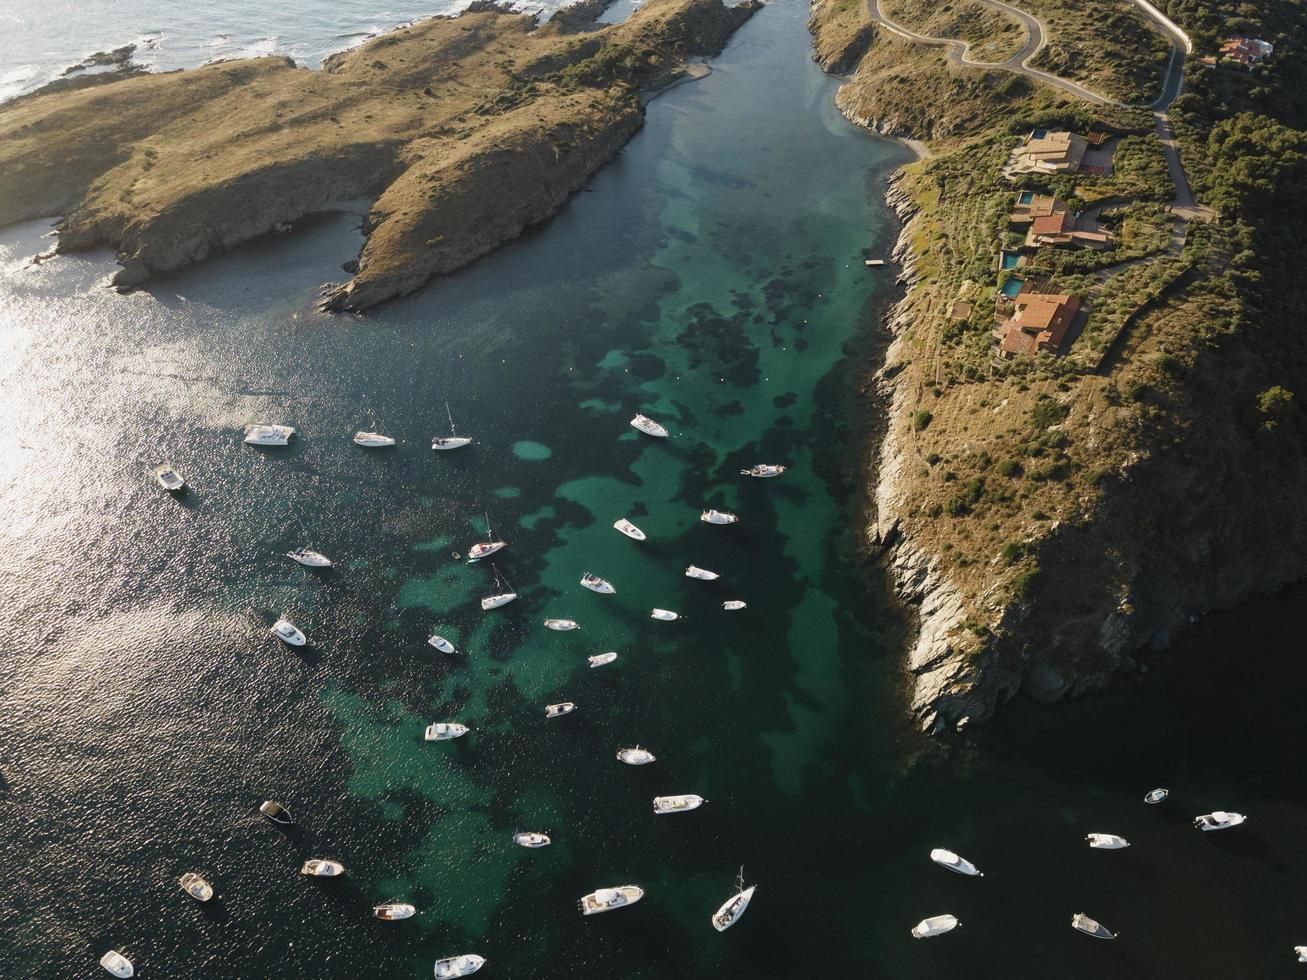 vista dall'alto molte barche in viaggio foto